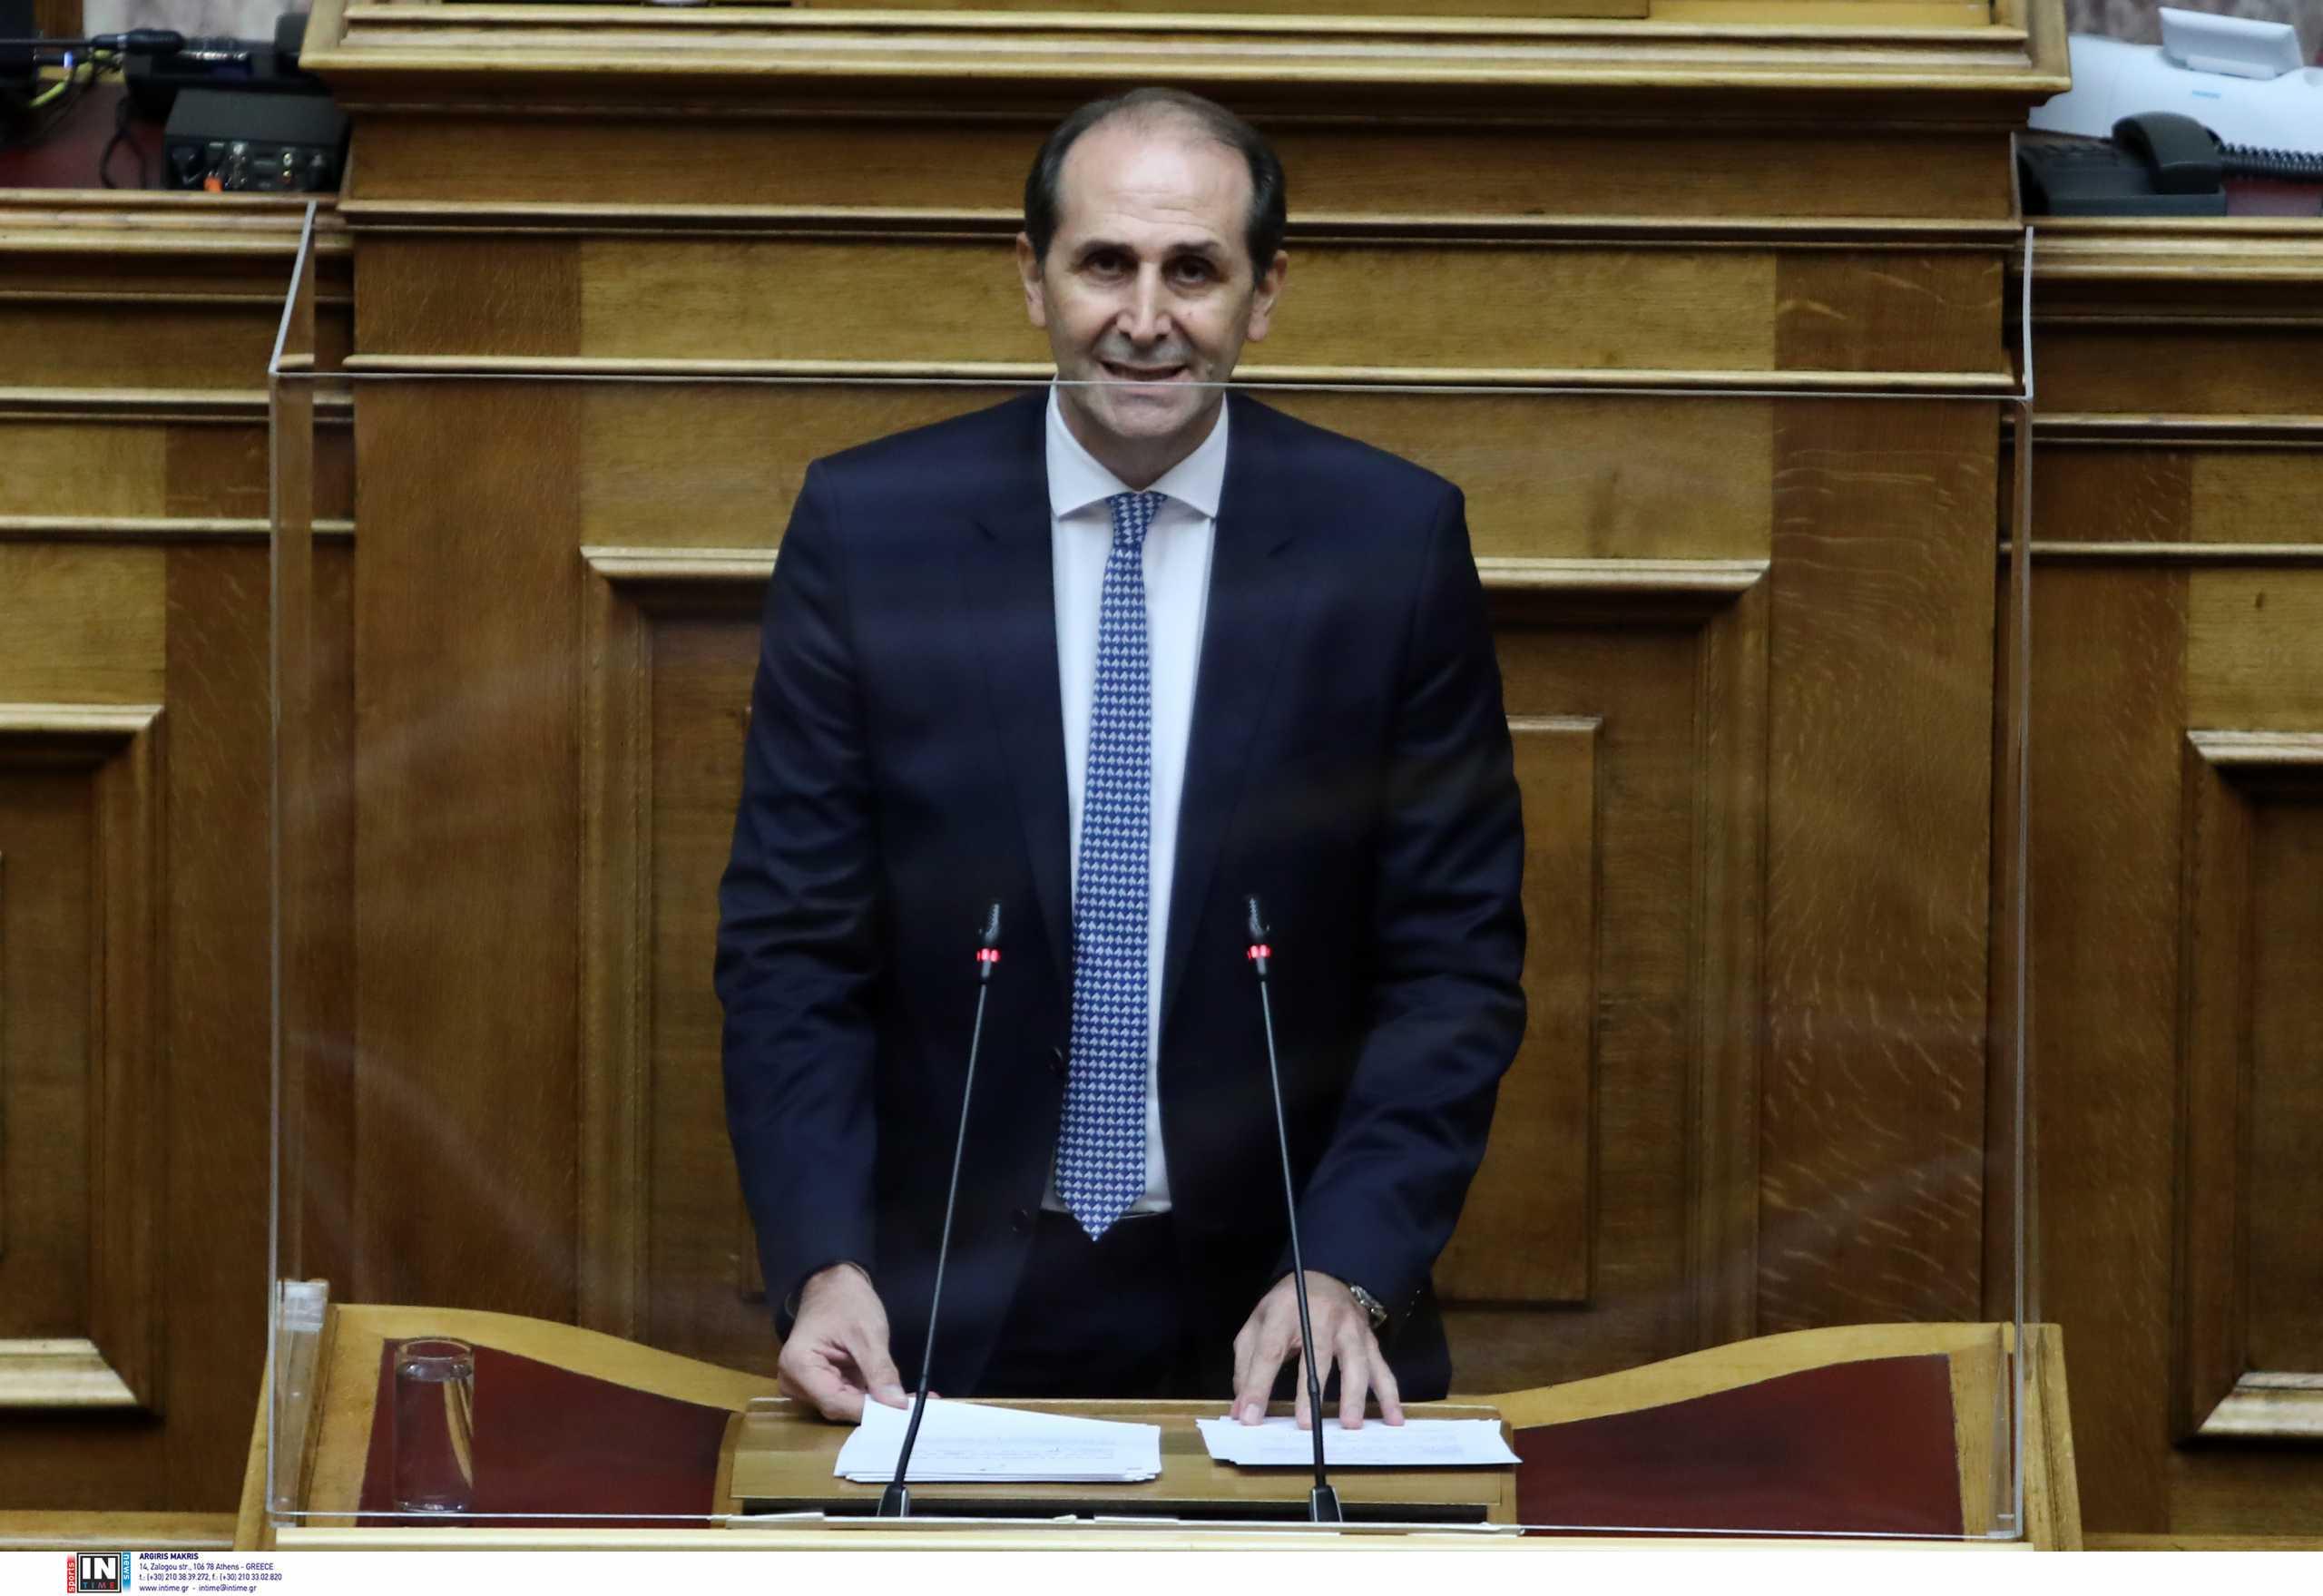 Βεσυρόπουλος: Η περίοδος της κατάργησης φόρων «με ένα νόμο και ένα άρθρο» πέρασε ανεπιστρεπτί